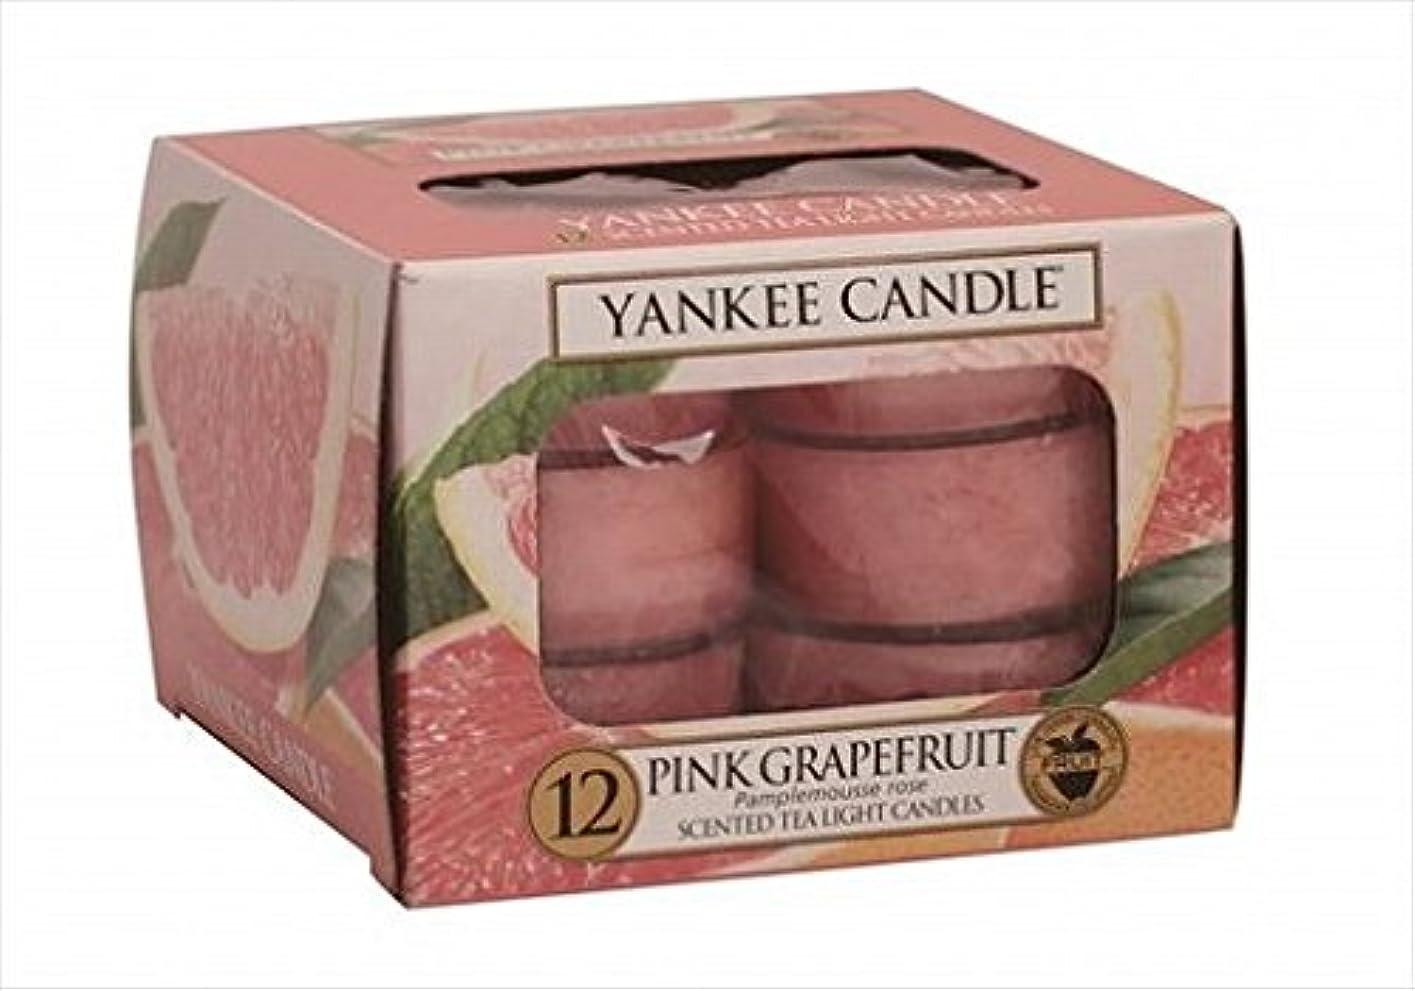 ベーコン義務的ホストYANKEE CANDLE(ヤンキーキャンドル) YANKEE CANDLEクリアカップティーライト12個入り 「 ピンクグレープフルーツ 」 キャンドル 40x40x22mm フルーツ系(K00505258)